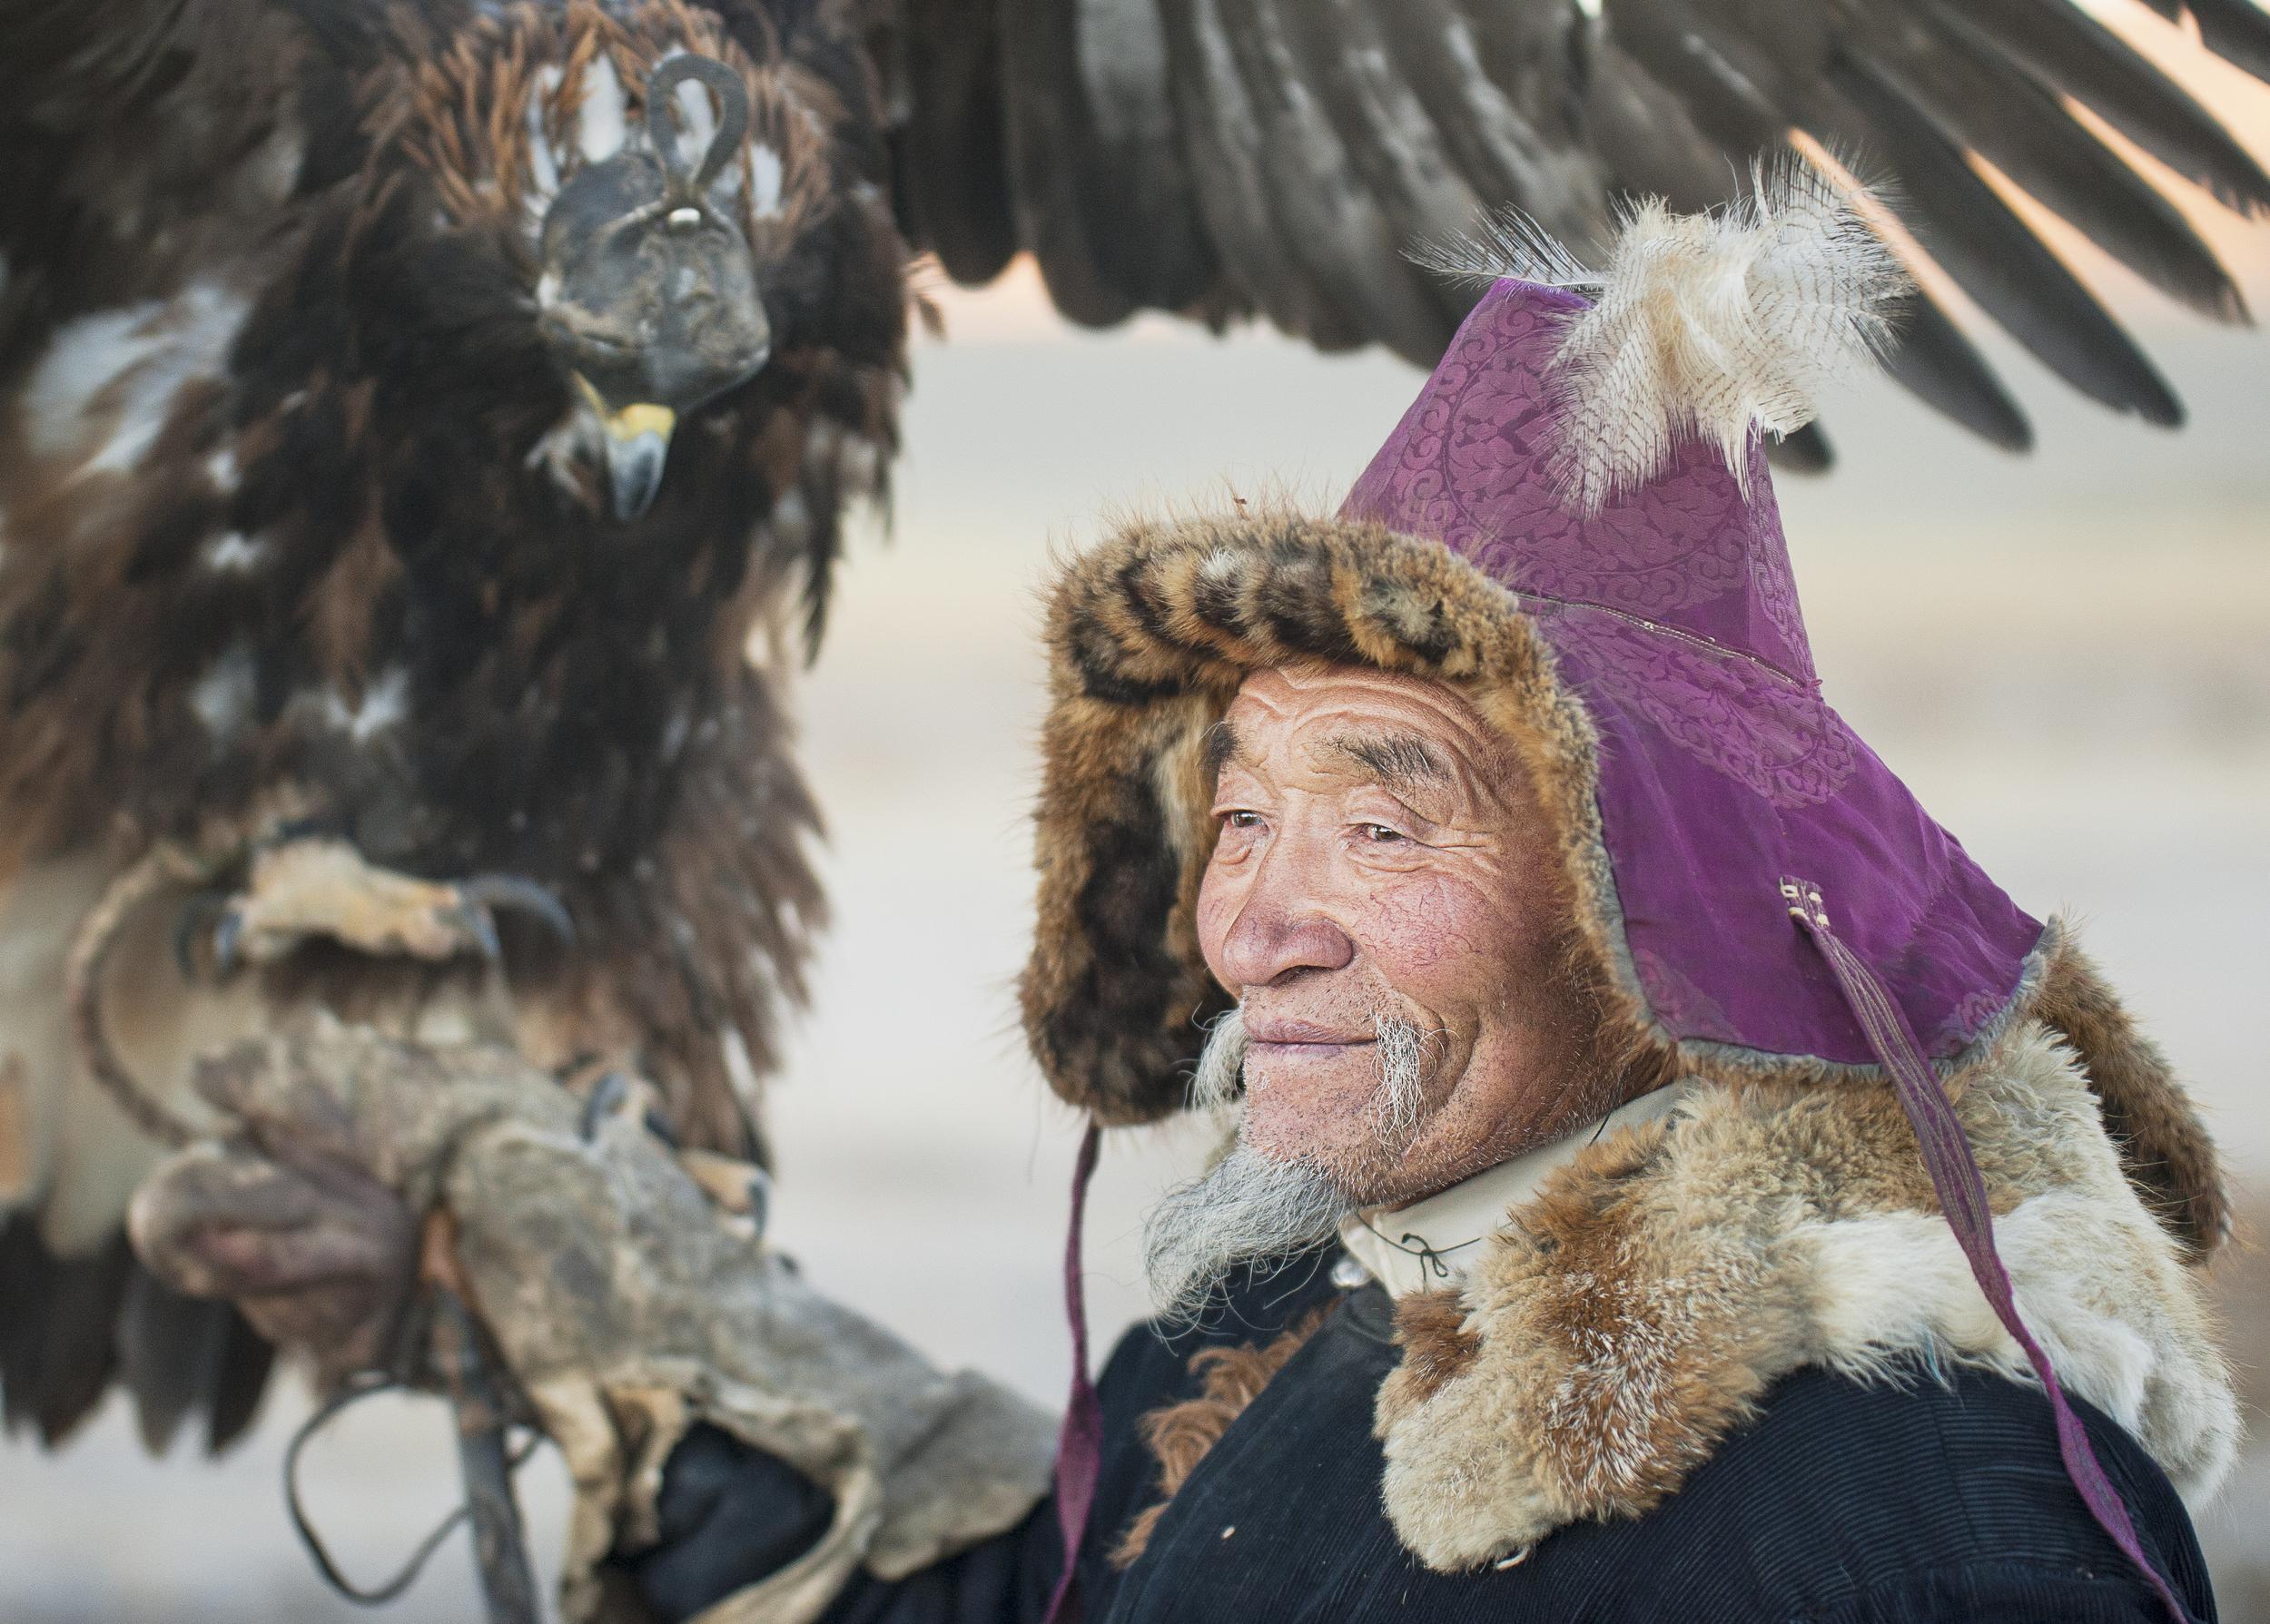 elderly kazakh eagle hunter posign with golden eagle.jpg